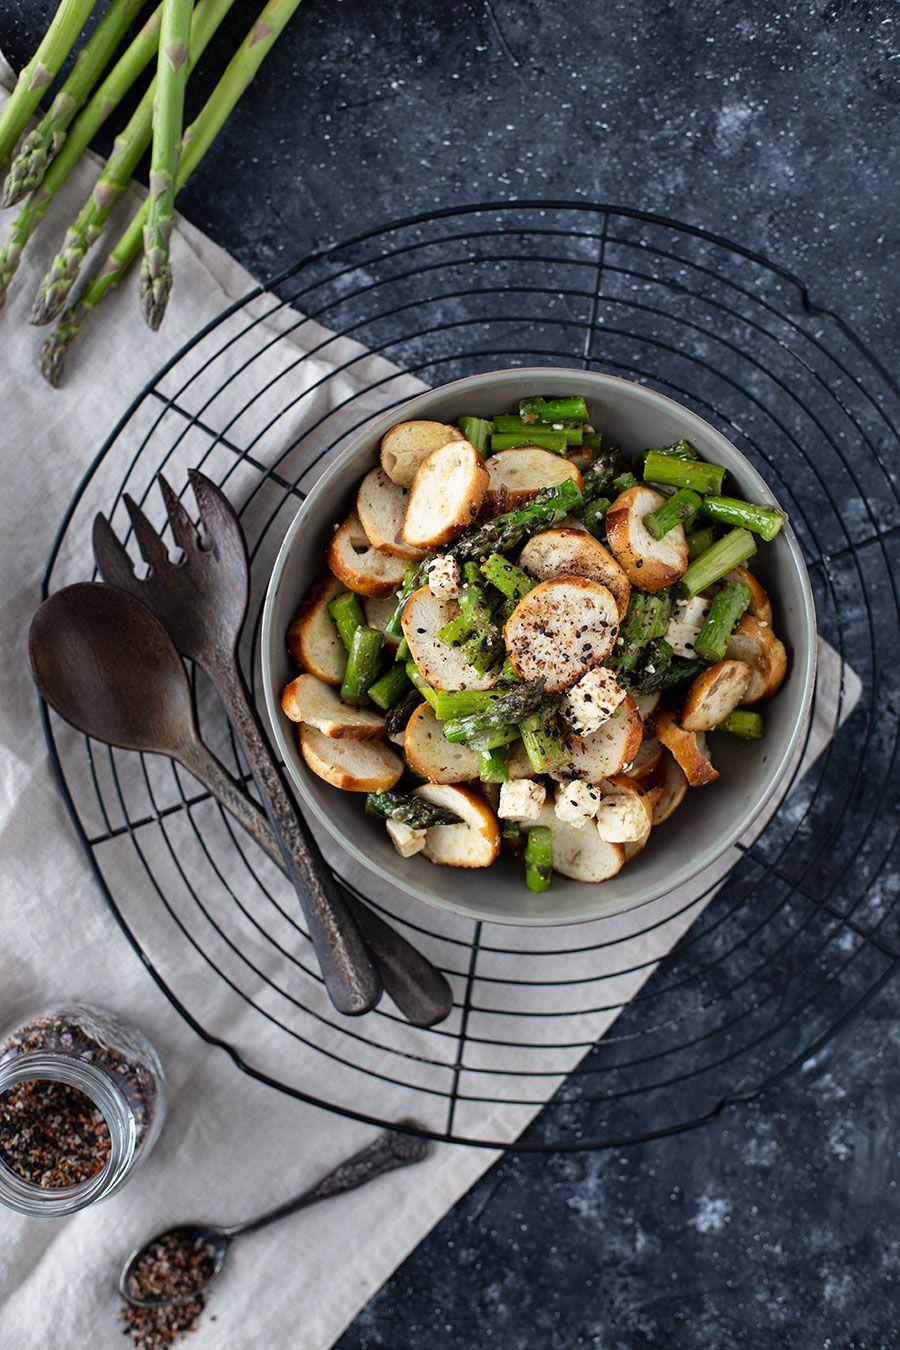 Ein Foodblog Ubers Essen Trinken Grillen Und Backen Gruner Spargel Rezepte Brotsalat Gruner Spargel